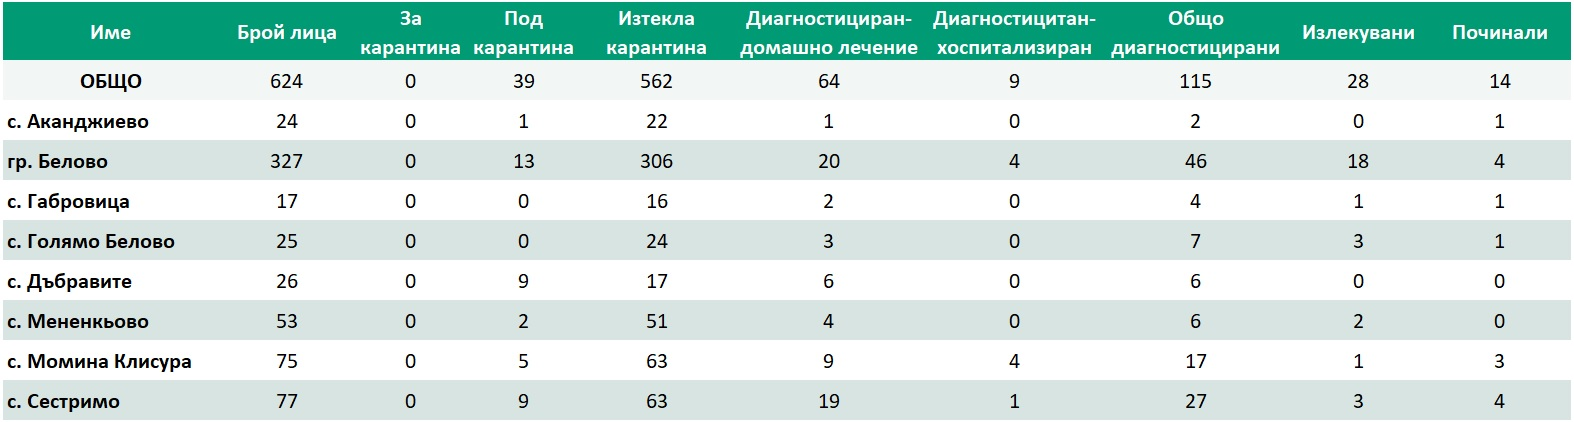 актуална статистика по населени места